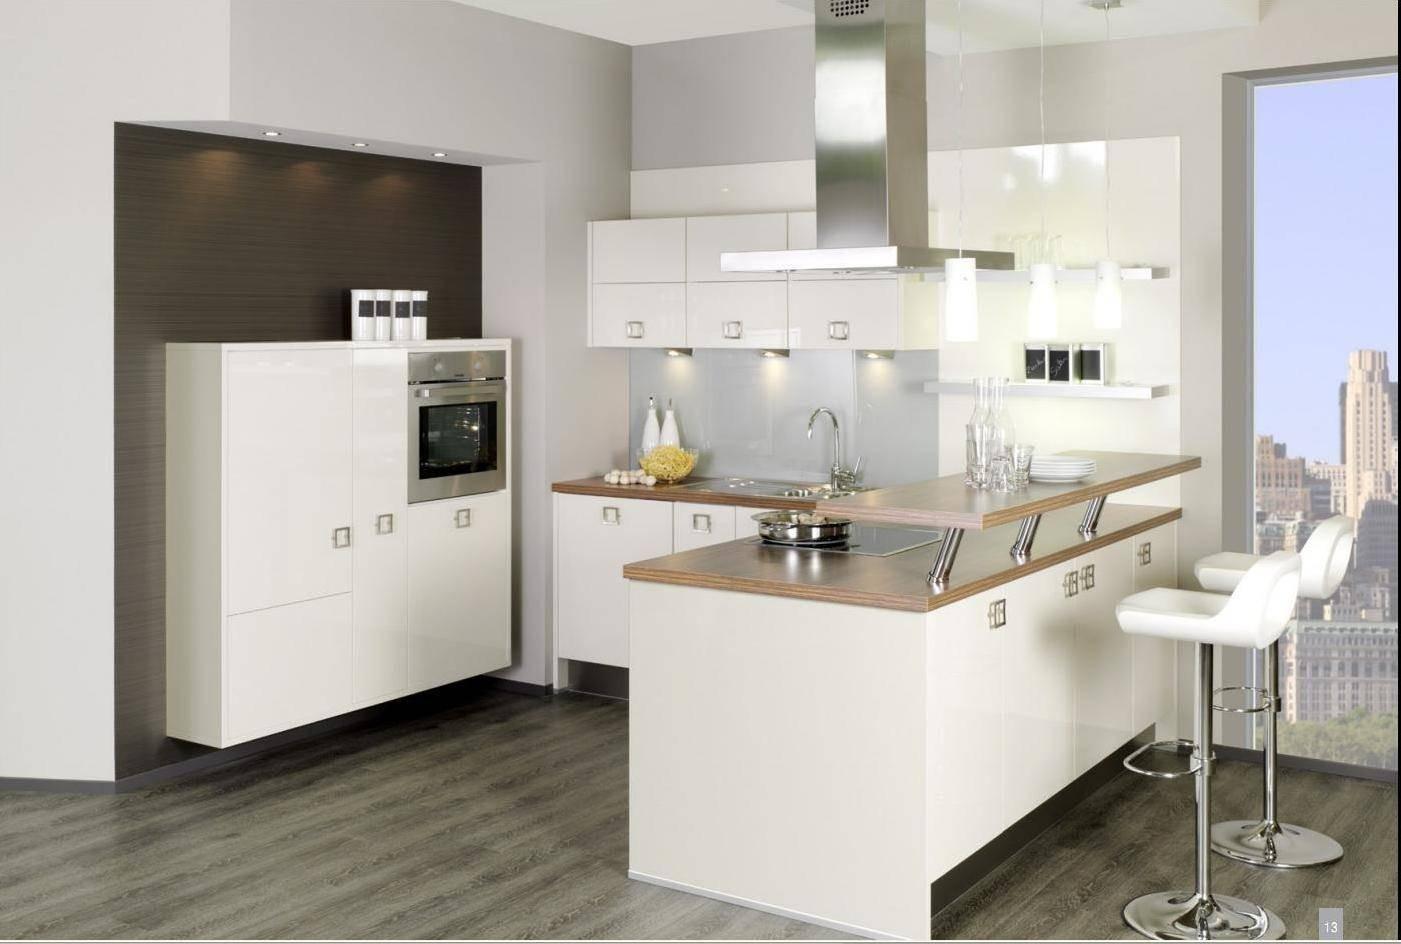 Эргономичная кухня - гостиная в комнате 20 кв м